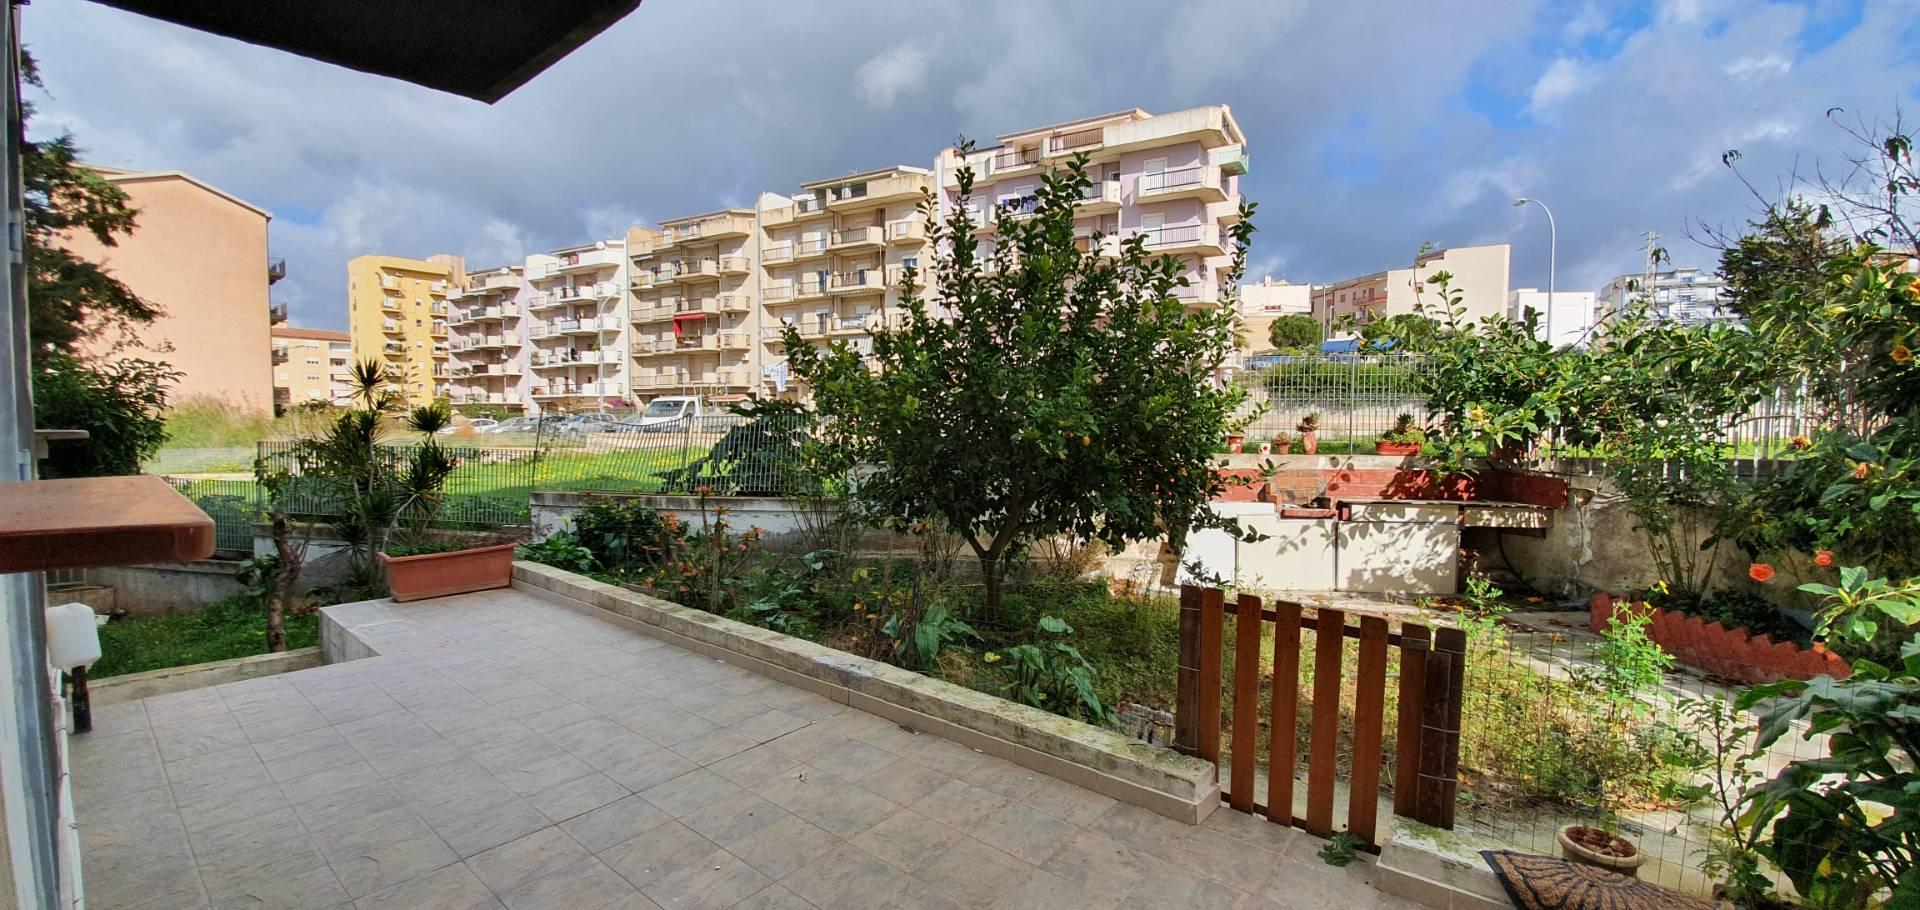 Appartamento in vendita a Sciacca, 5 locali, zona Località: Ferraro, prezzo € 160.000 | PortaleAgenzieImmobiliari.it